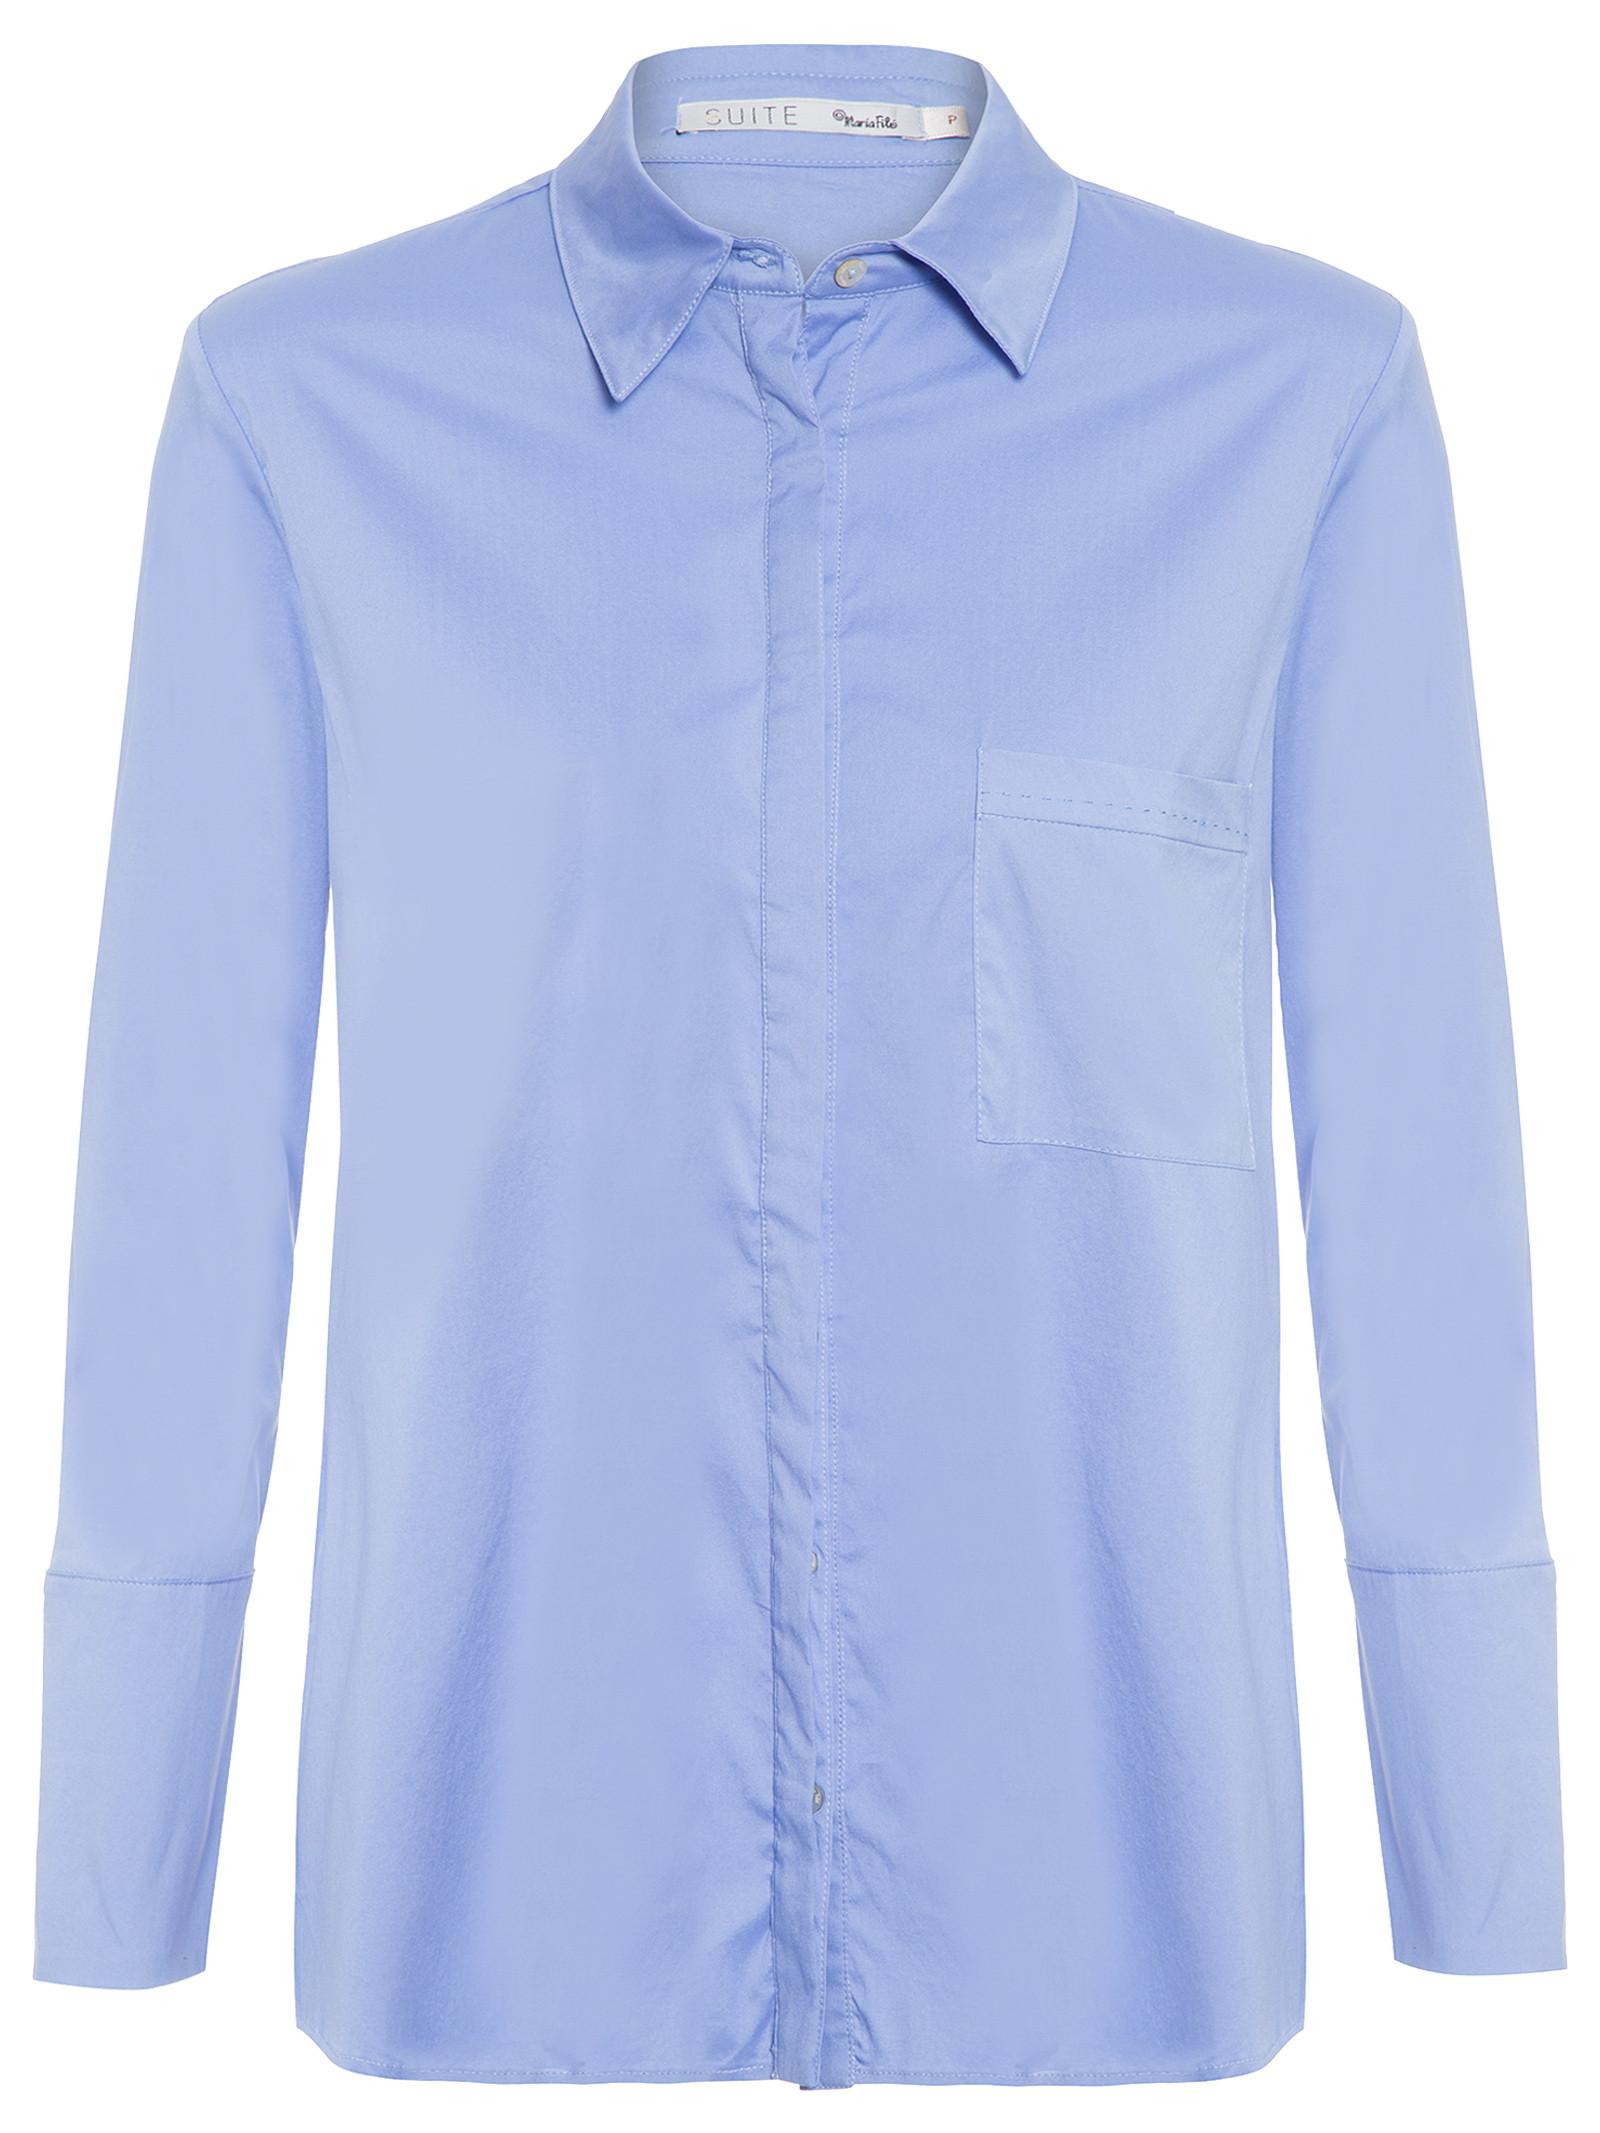 b012afff6c587 Camisa Feminina Ponto Picado - Maria Filó - Azul - Shop2gether